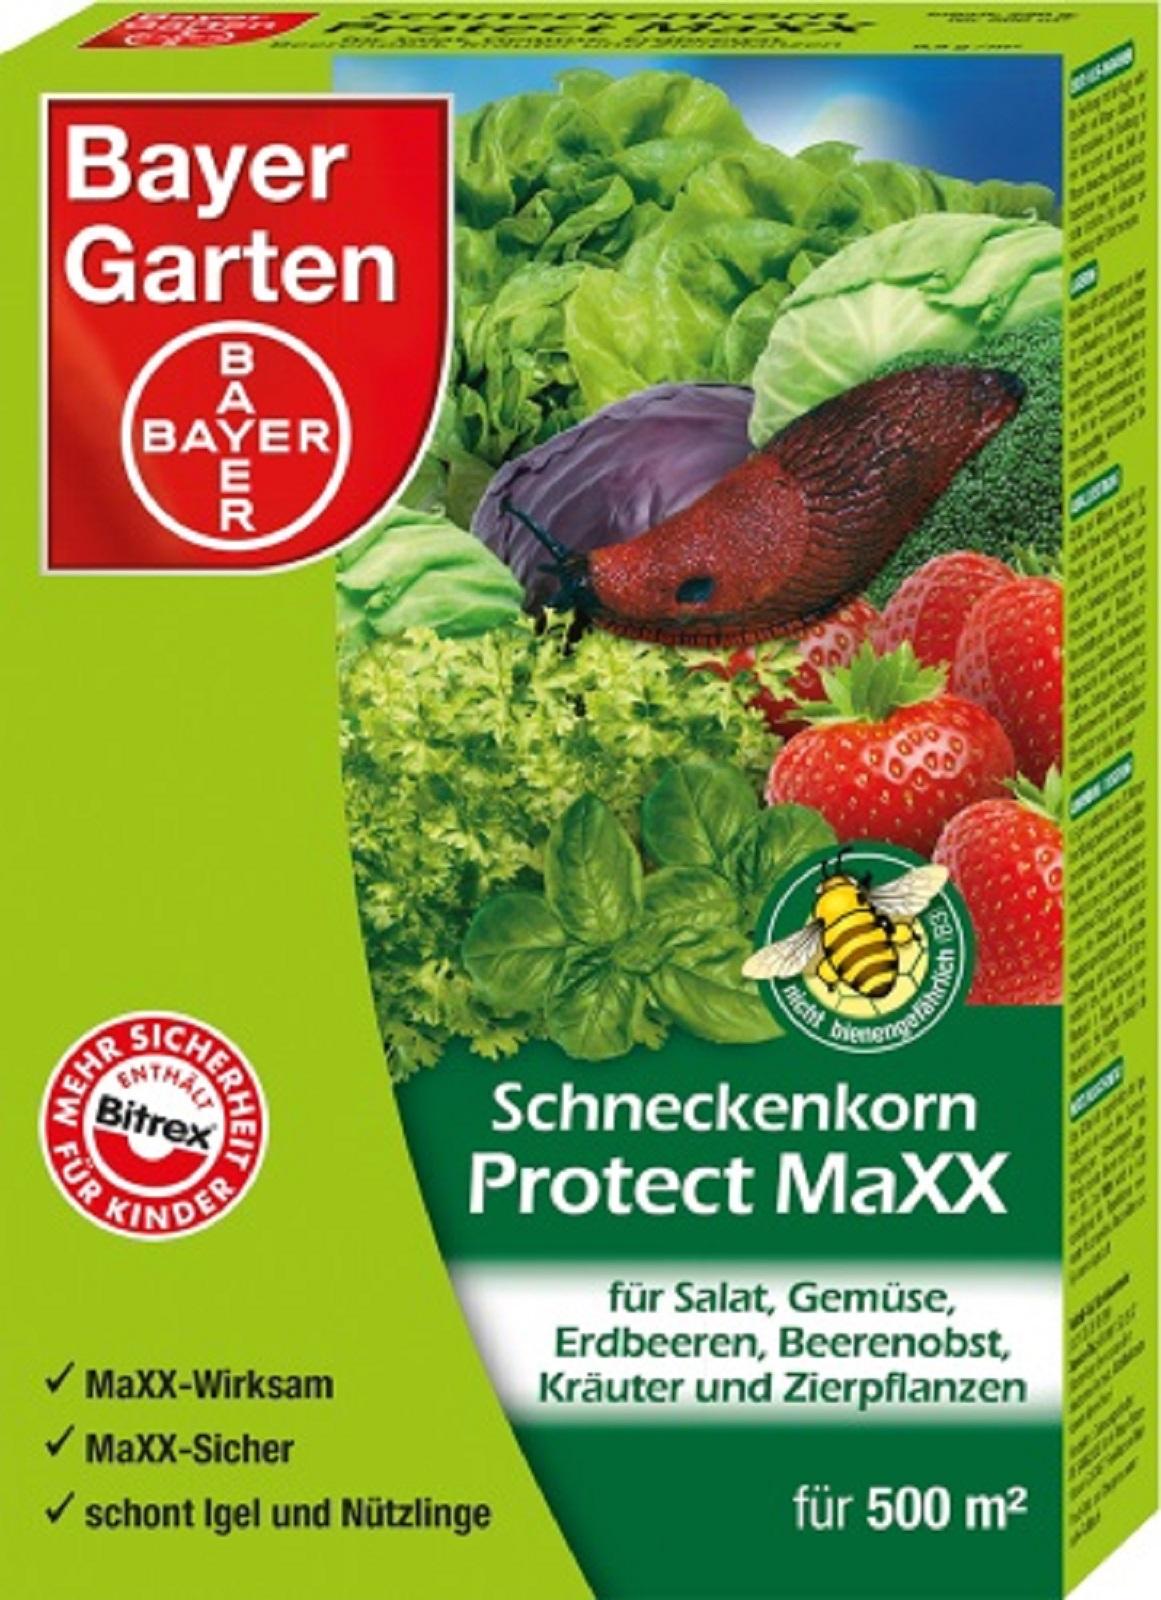 Bayer Schneckenkorn Protect Maxx 1 kg